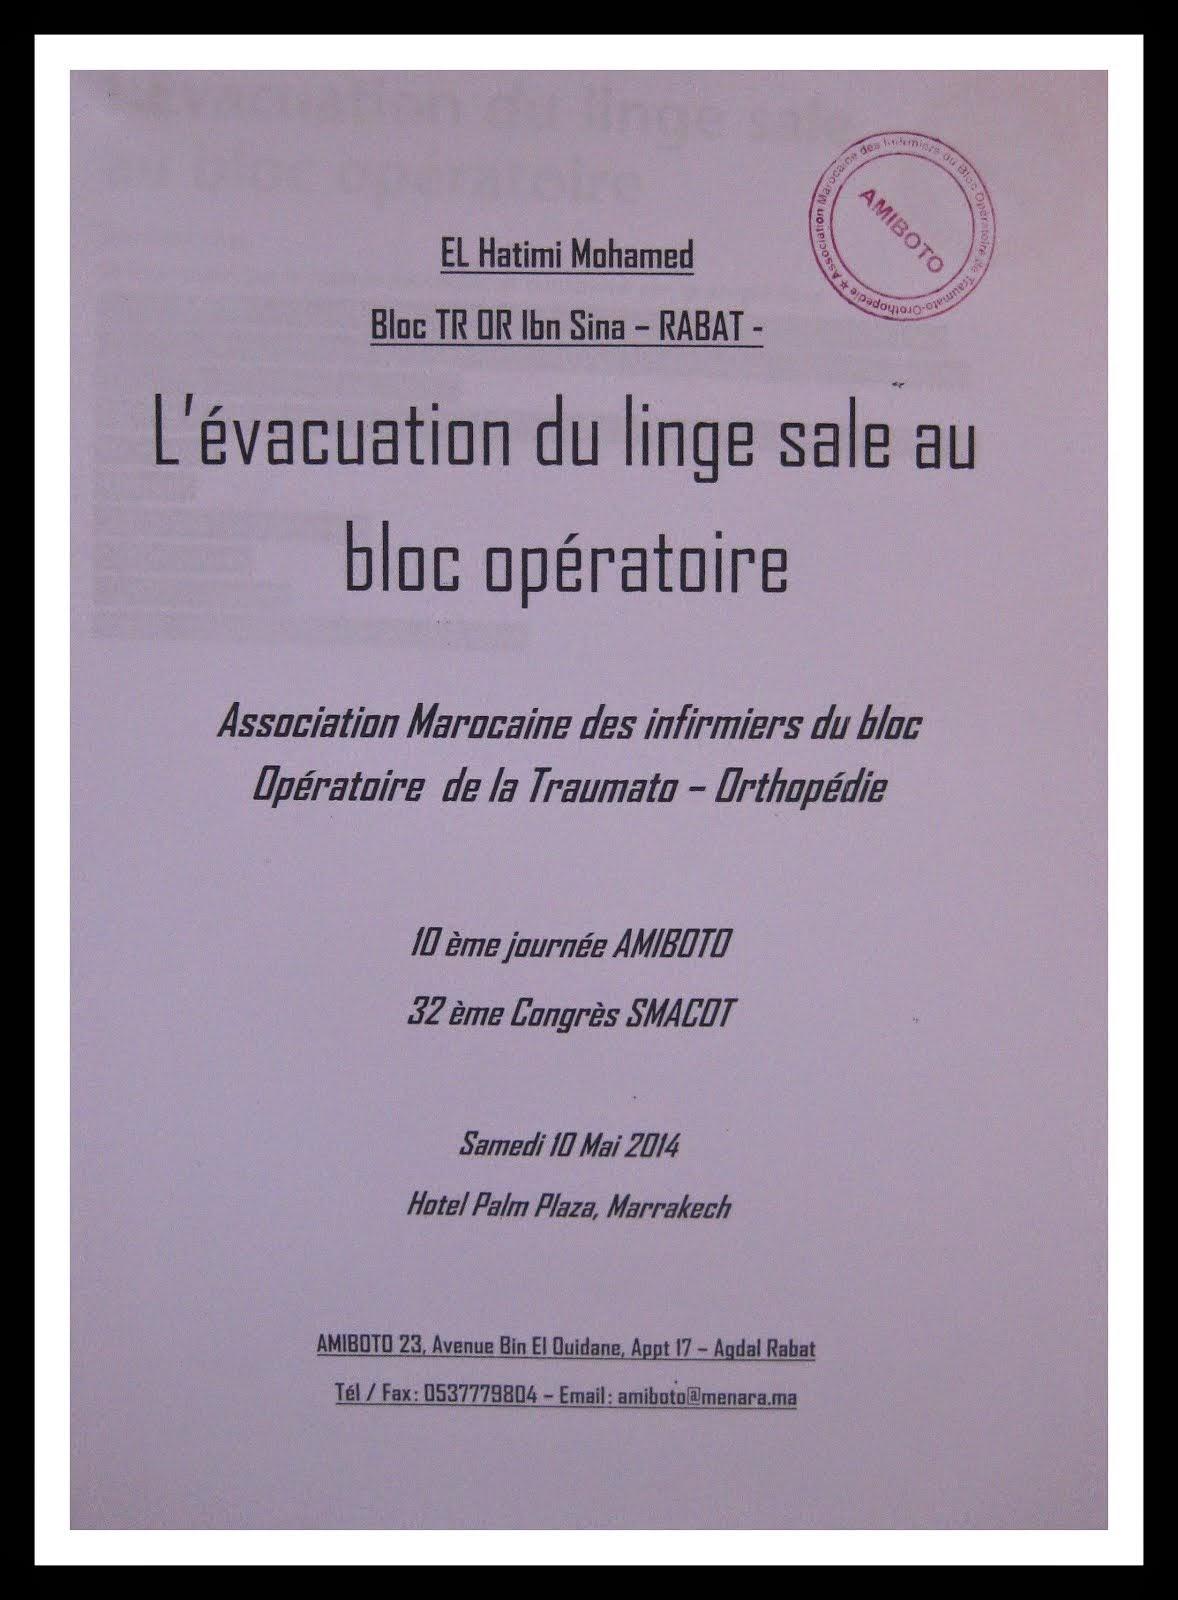 L EVACUATION DU LINGE SALE AU BOC OPERATOIRE